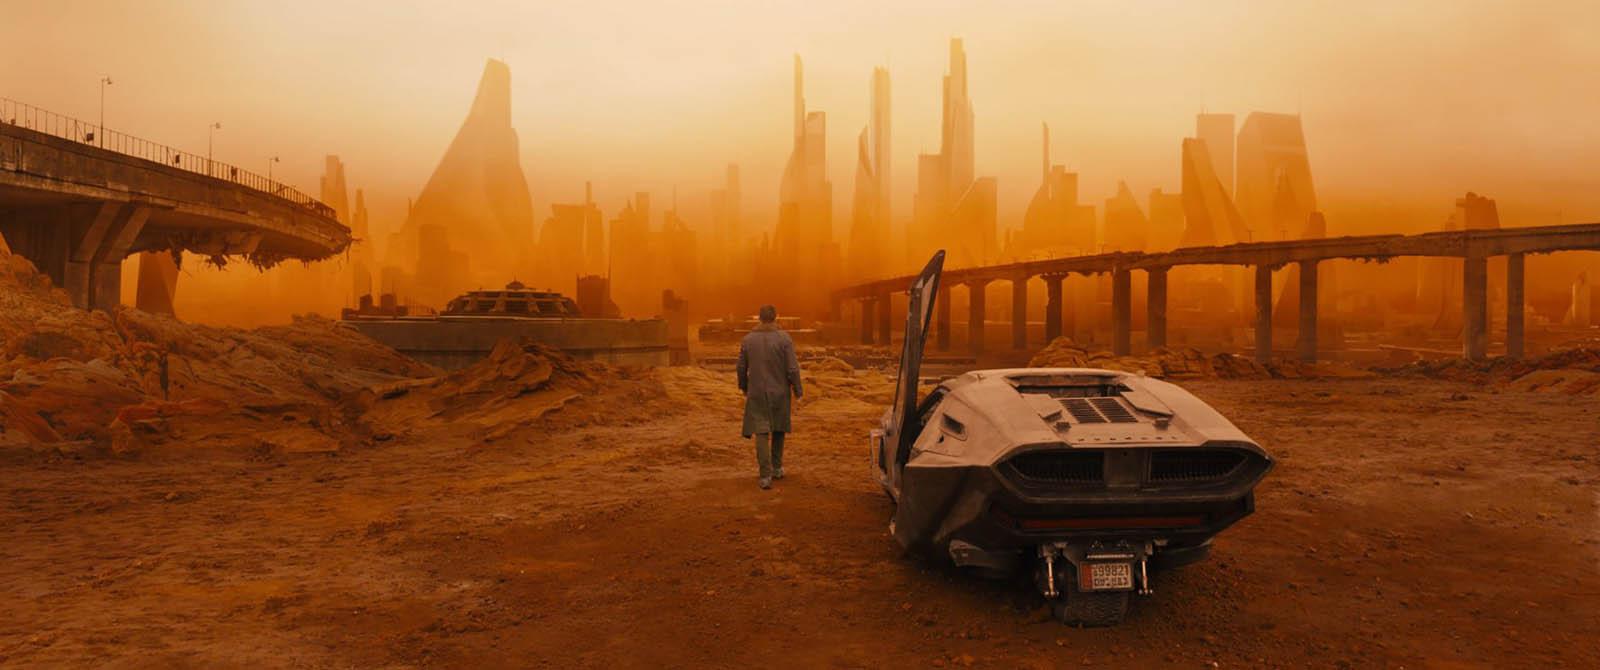 """""""Blade Runner 2049"""", Denis Villeneuve, 2017"""